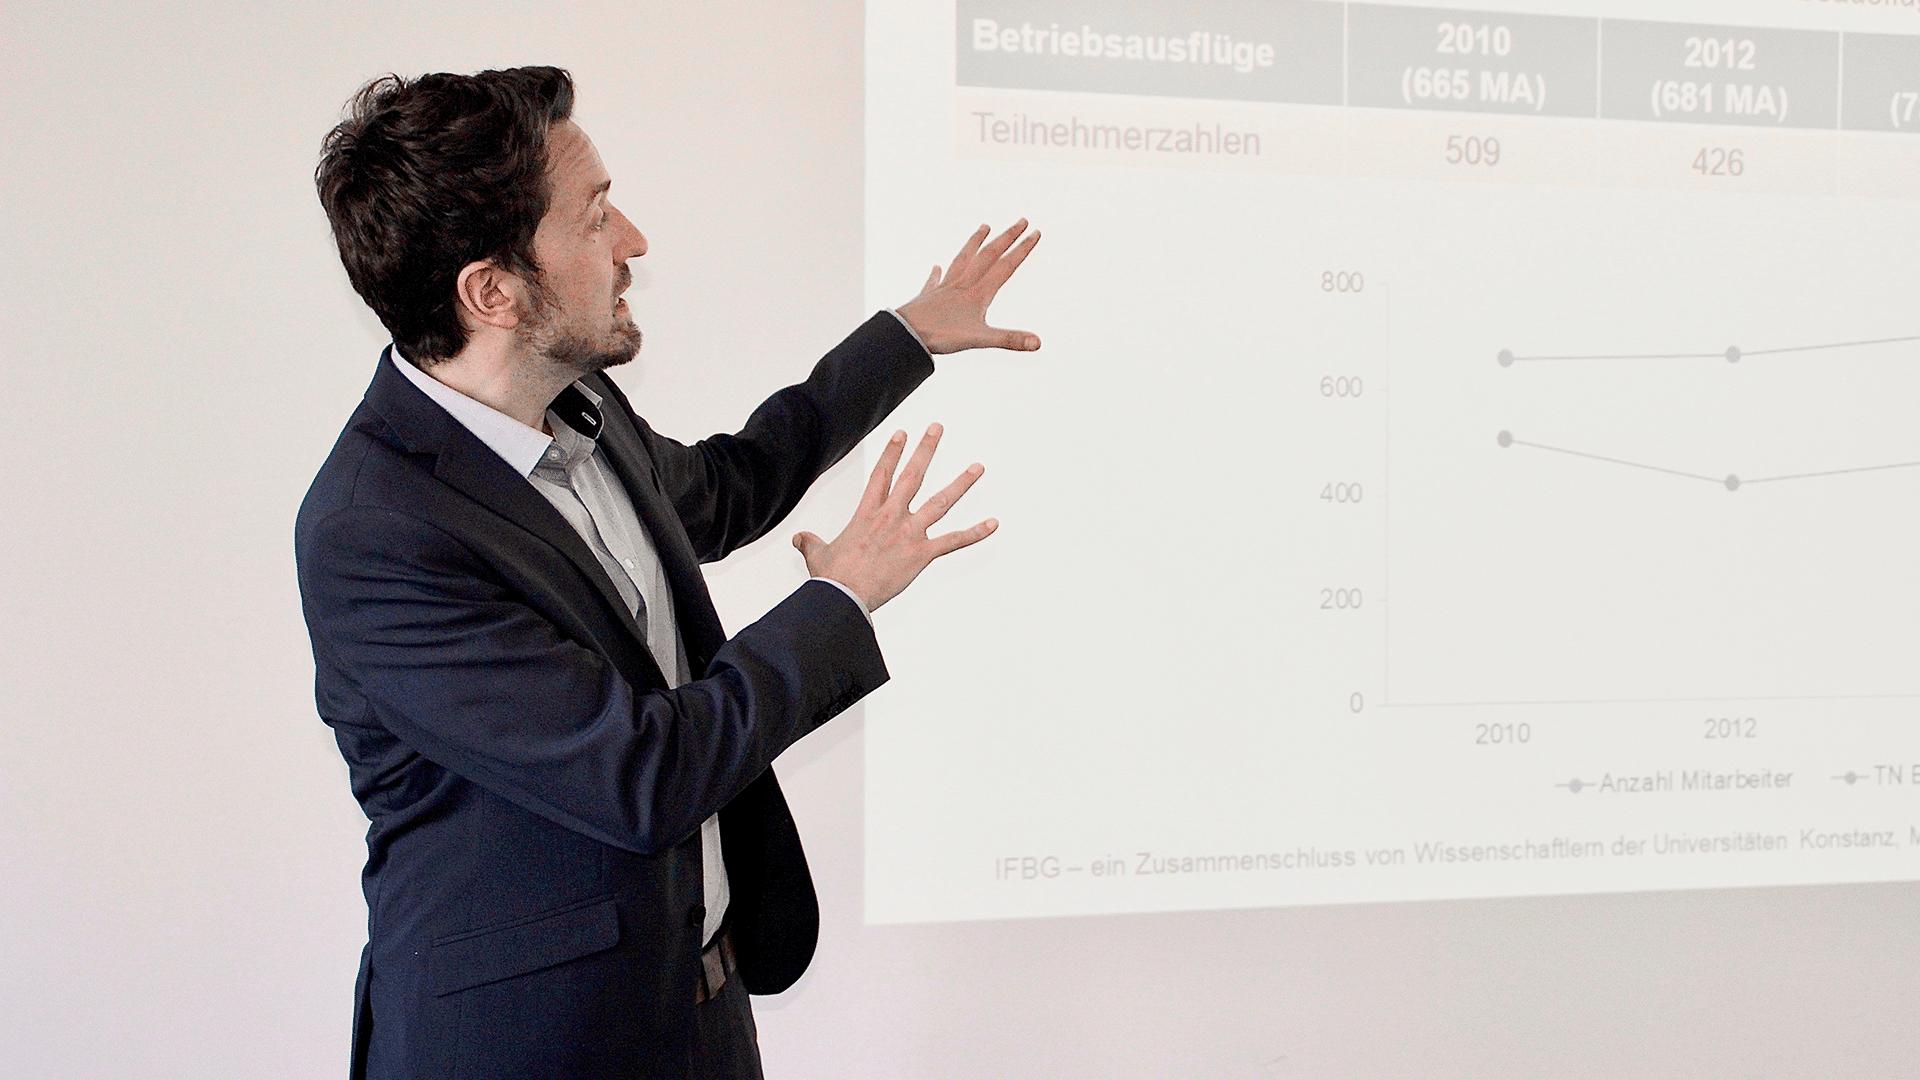 IFBG-Mitarbeiter Jan Schaller hält einen Vortrag